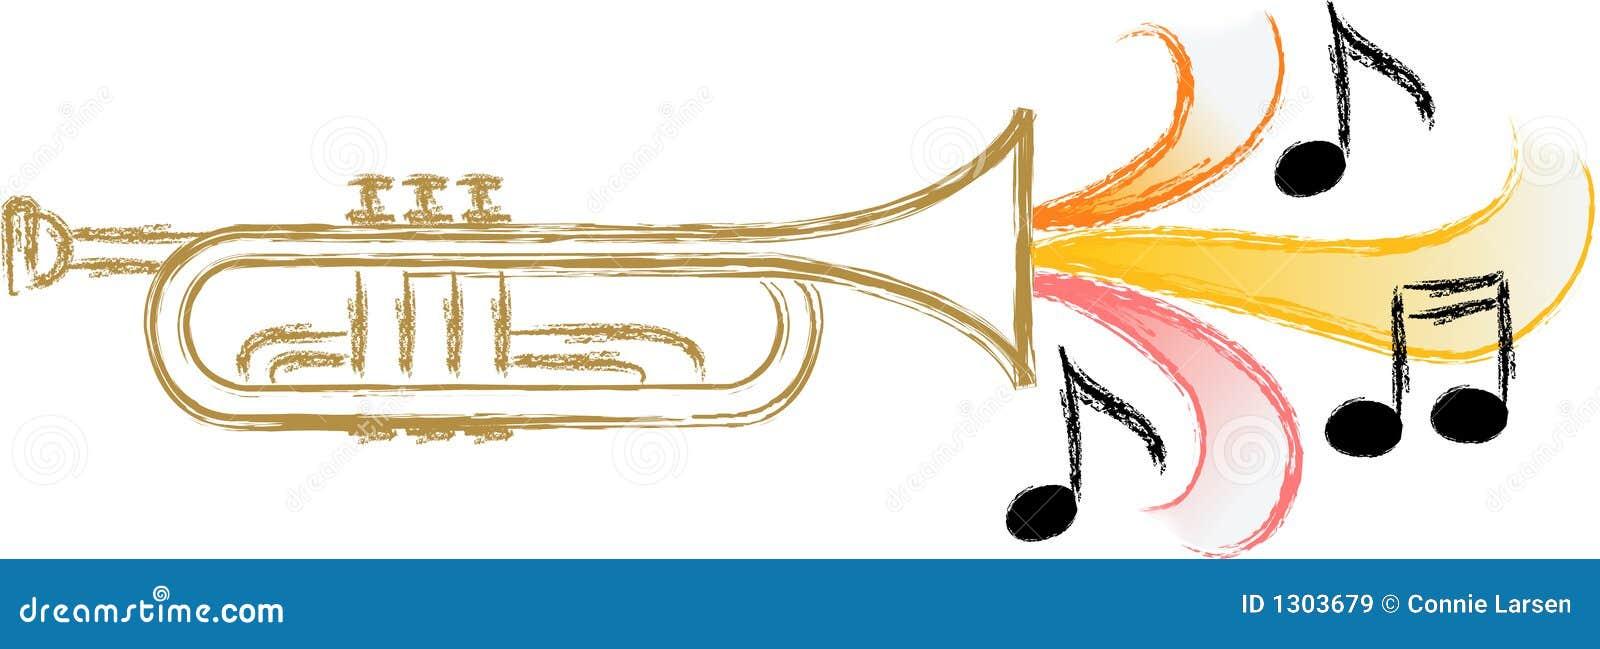 Música da trombeta do jazz/eps